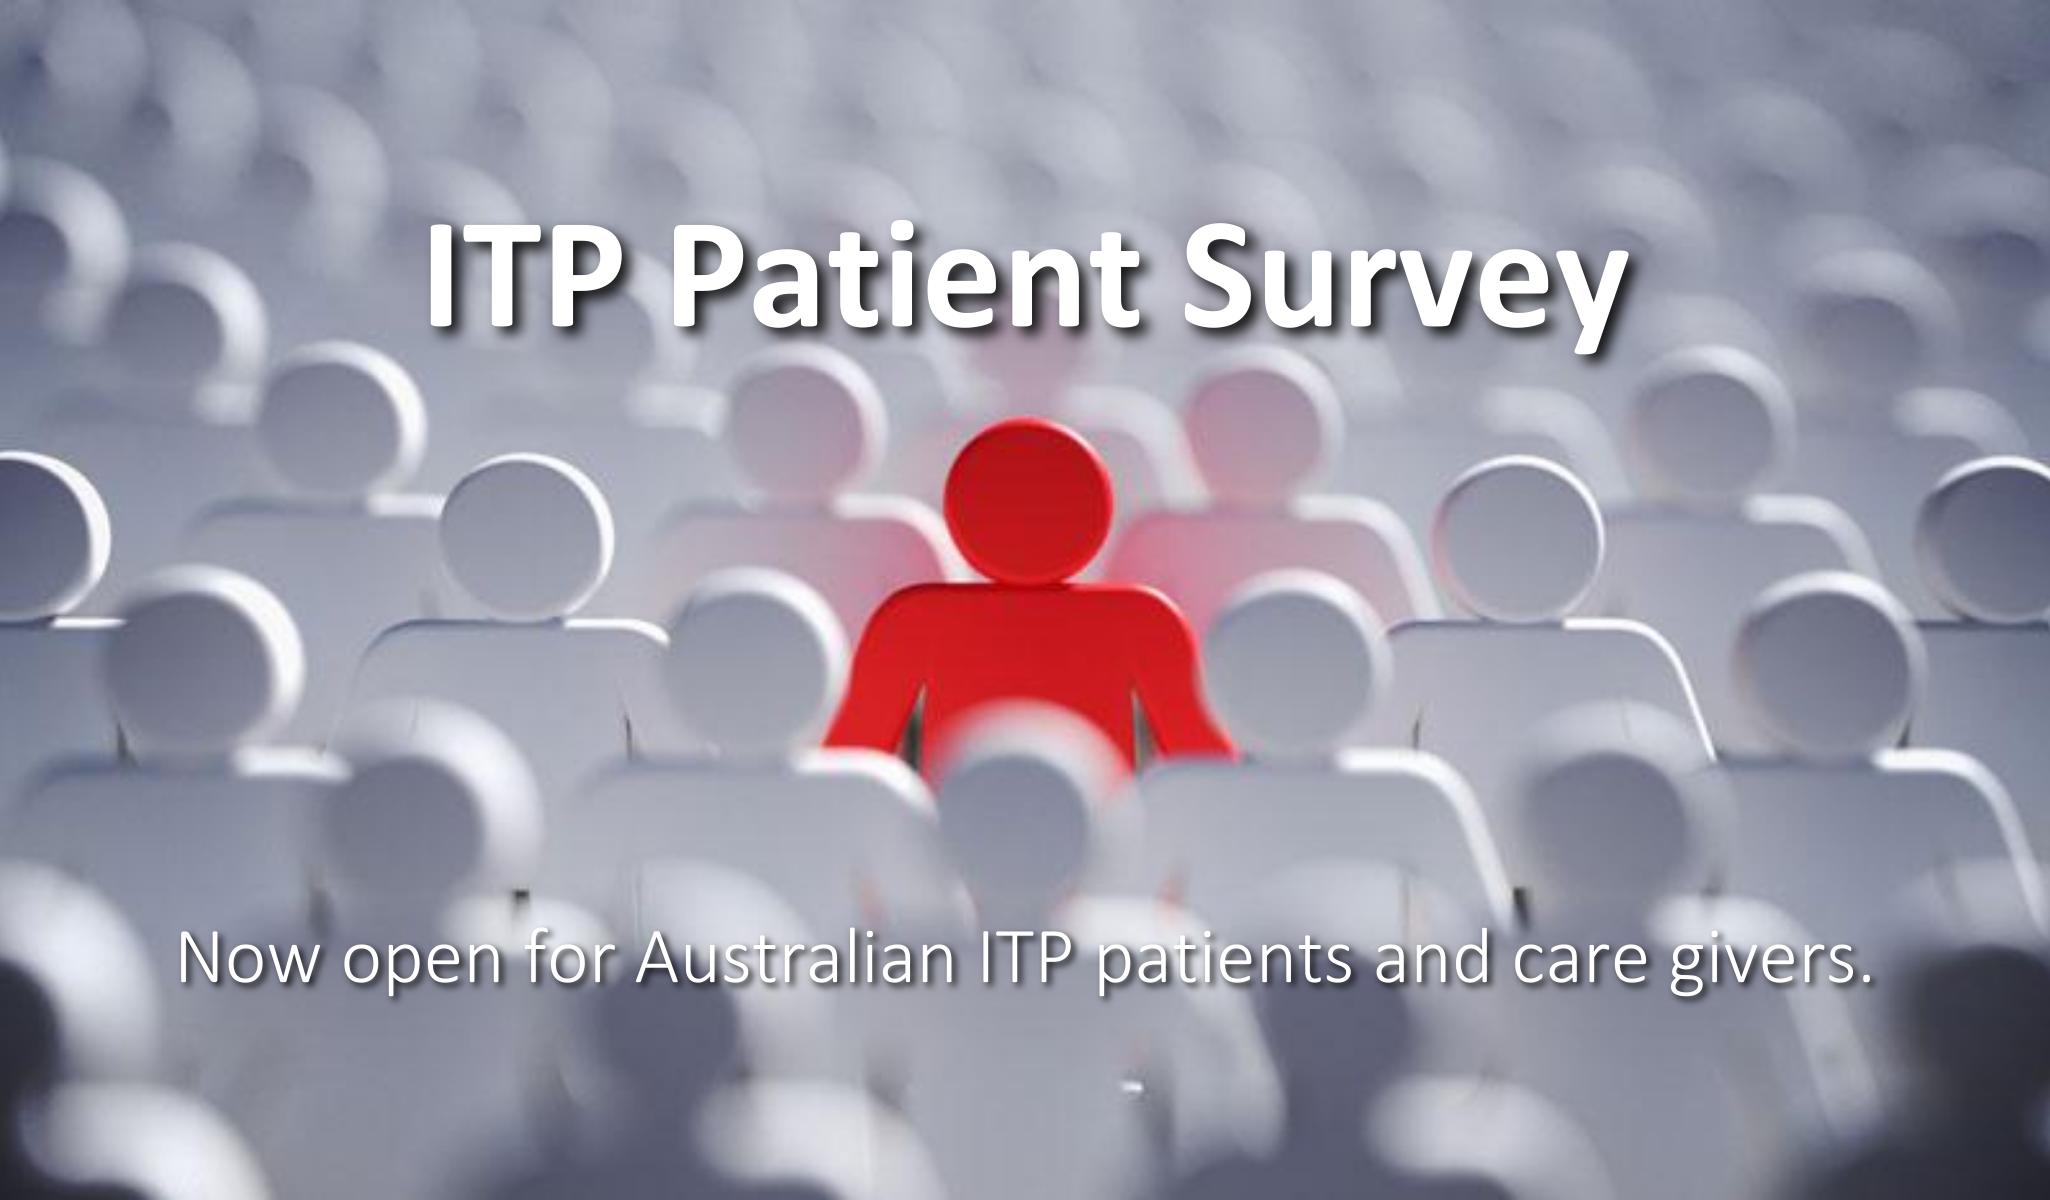 ITP Patient Survey 2020